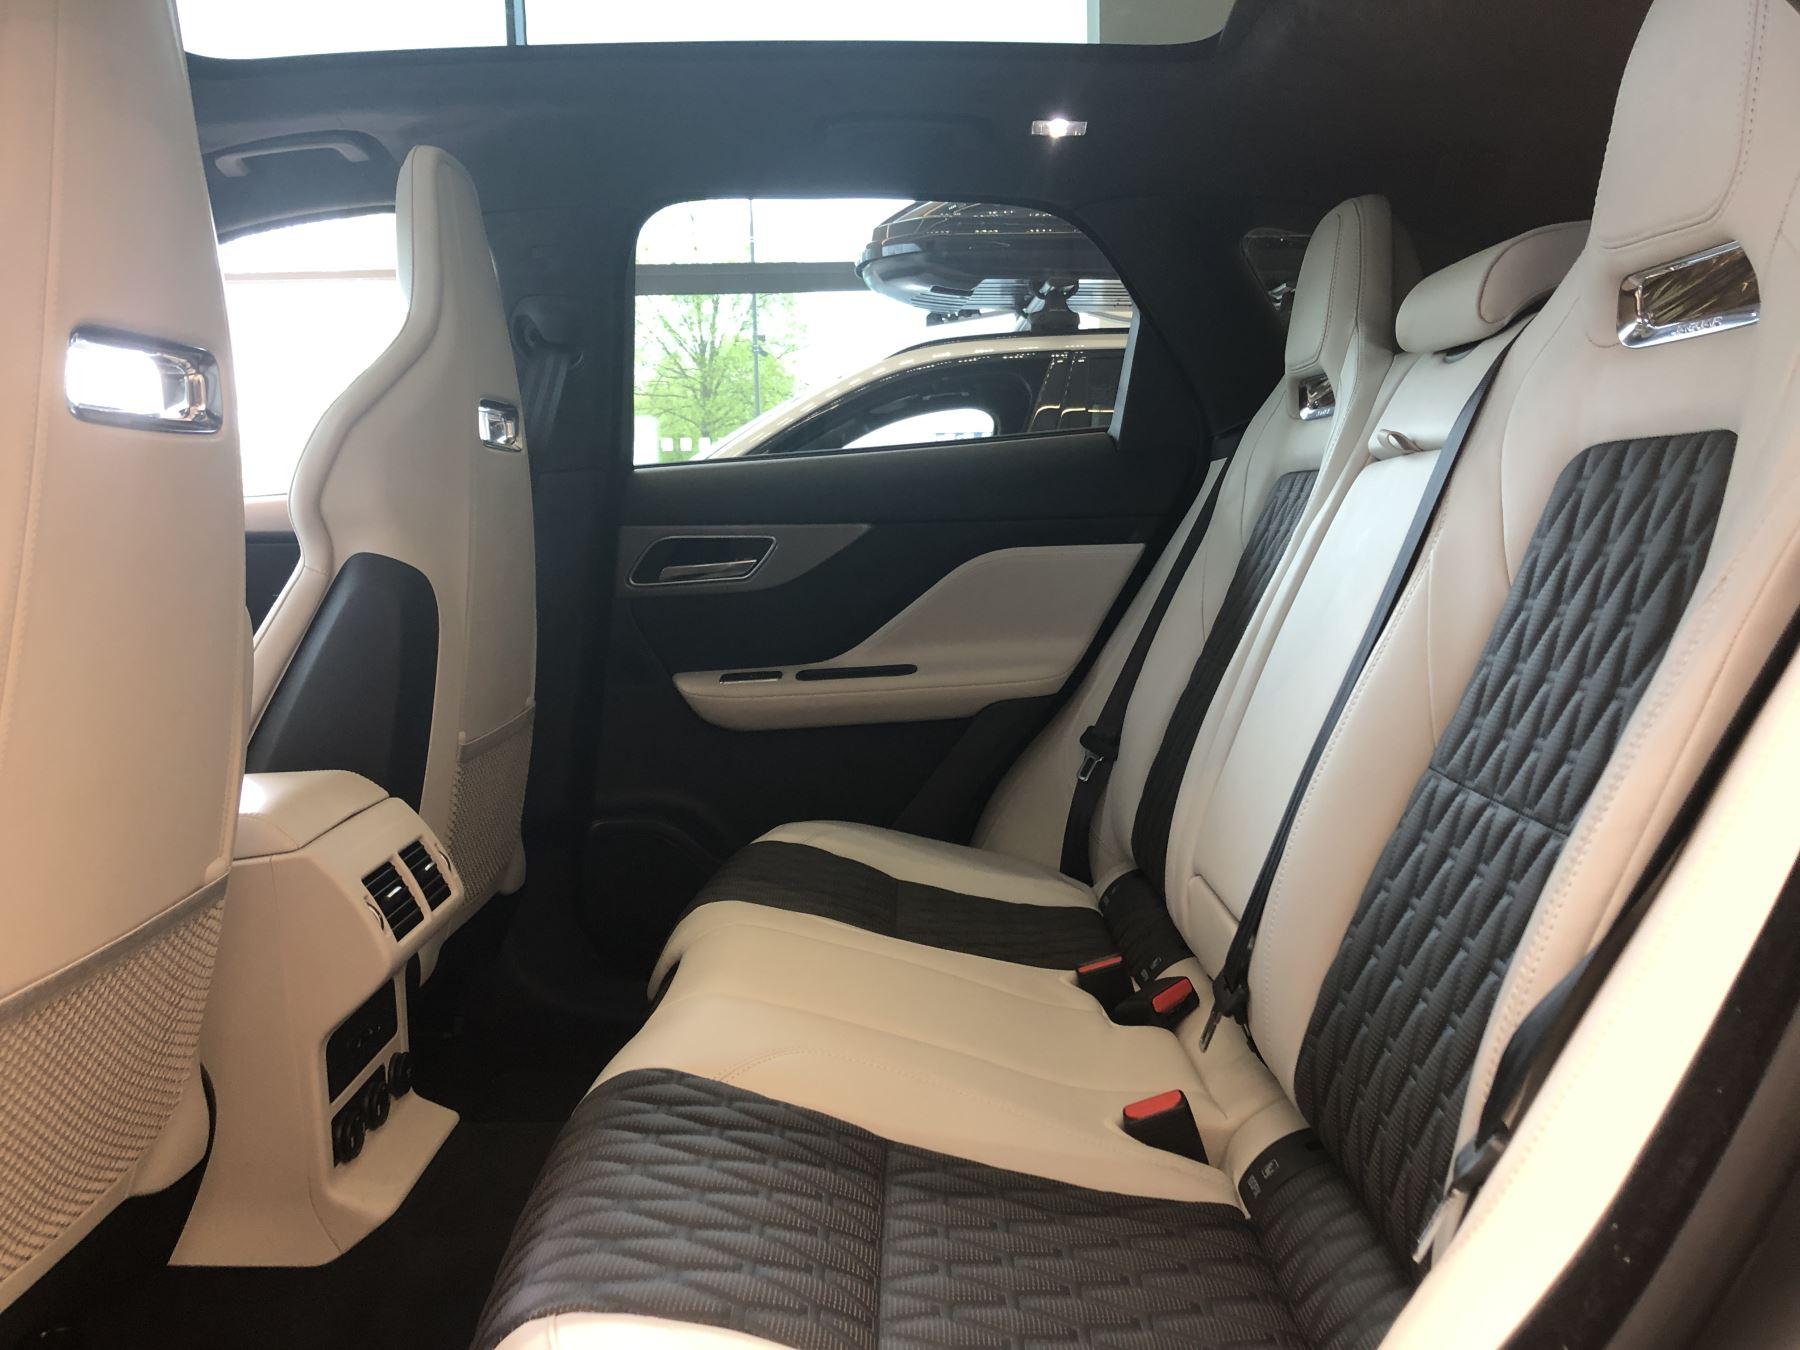 Jaguar F-PACE 5.0 Supercharged V8 SVR AWD image 6